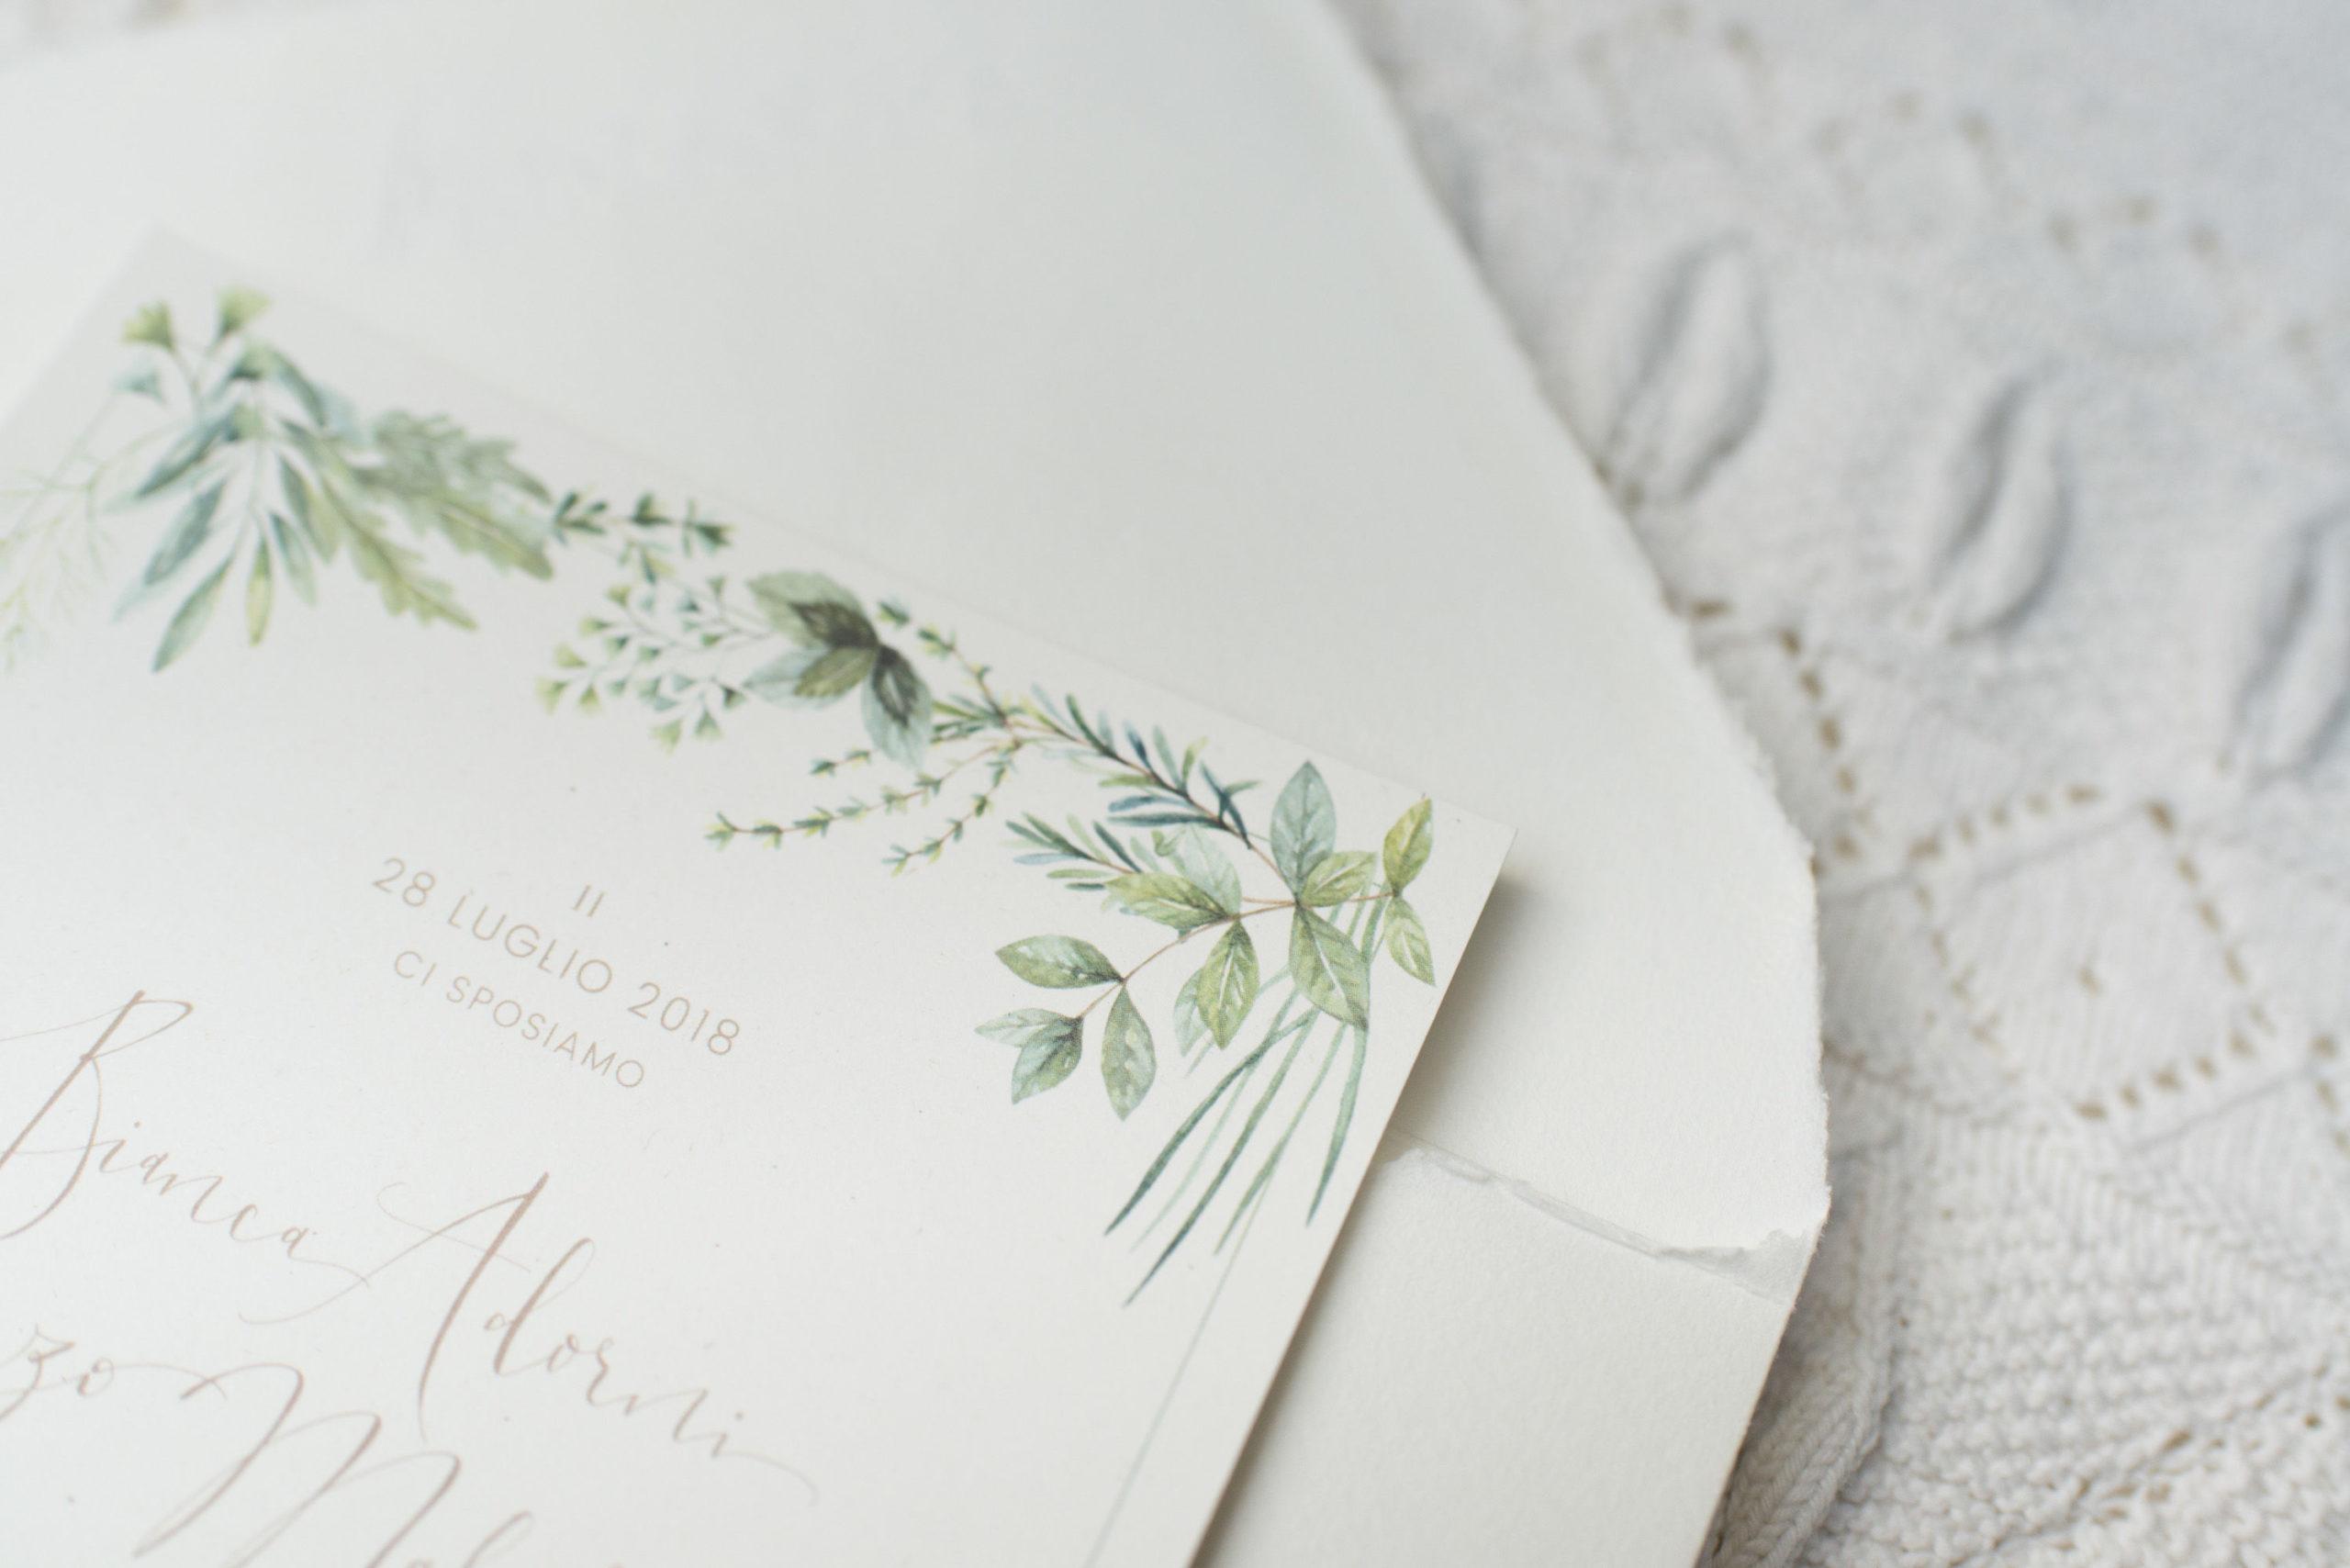 Partecipazioni Matrimonio Acquerello.Acquerello Matrimonio Erbe Aromatiche Partecipazioni Studio Alispi